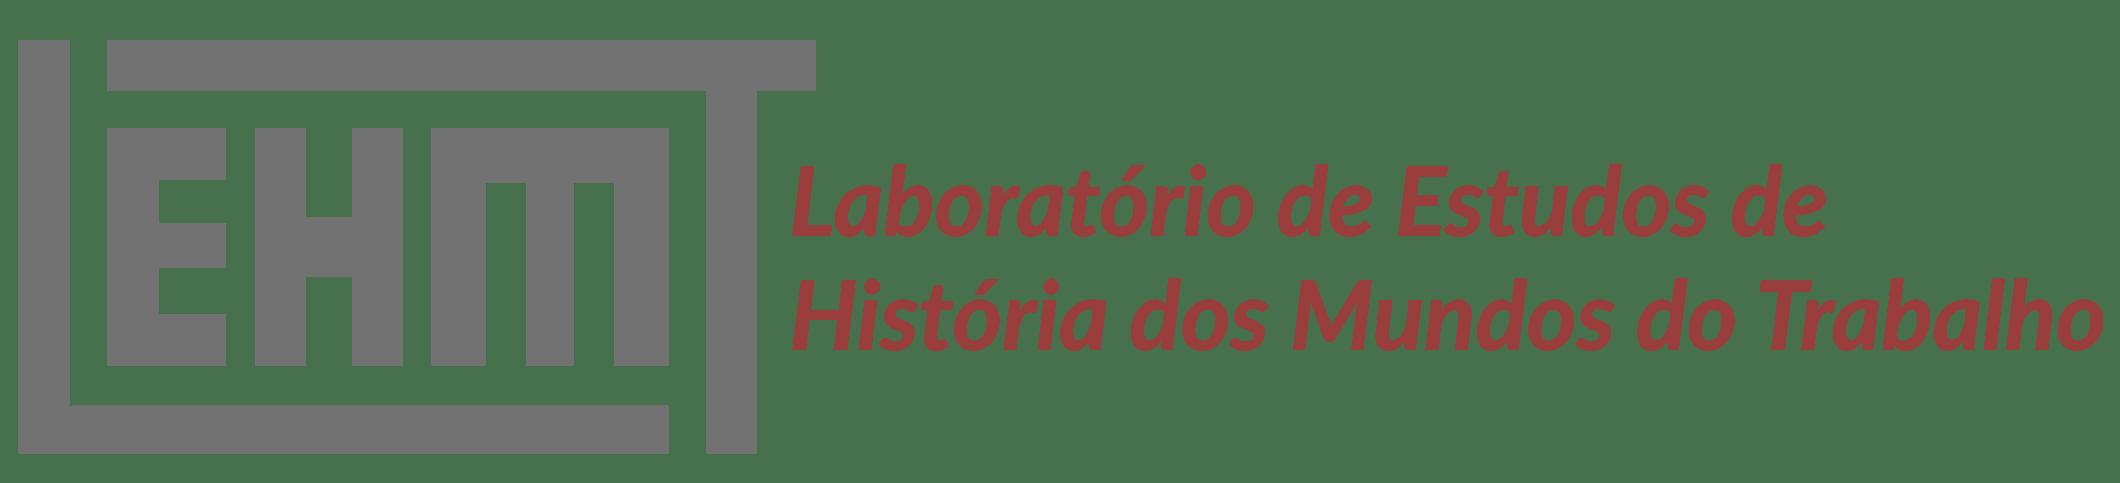 Laboratório de Estudos de História dos Mundos do Trabalho